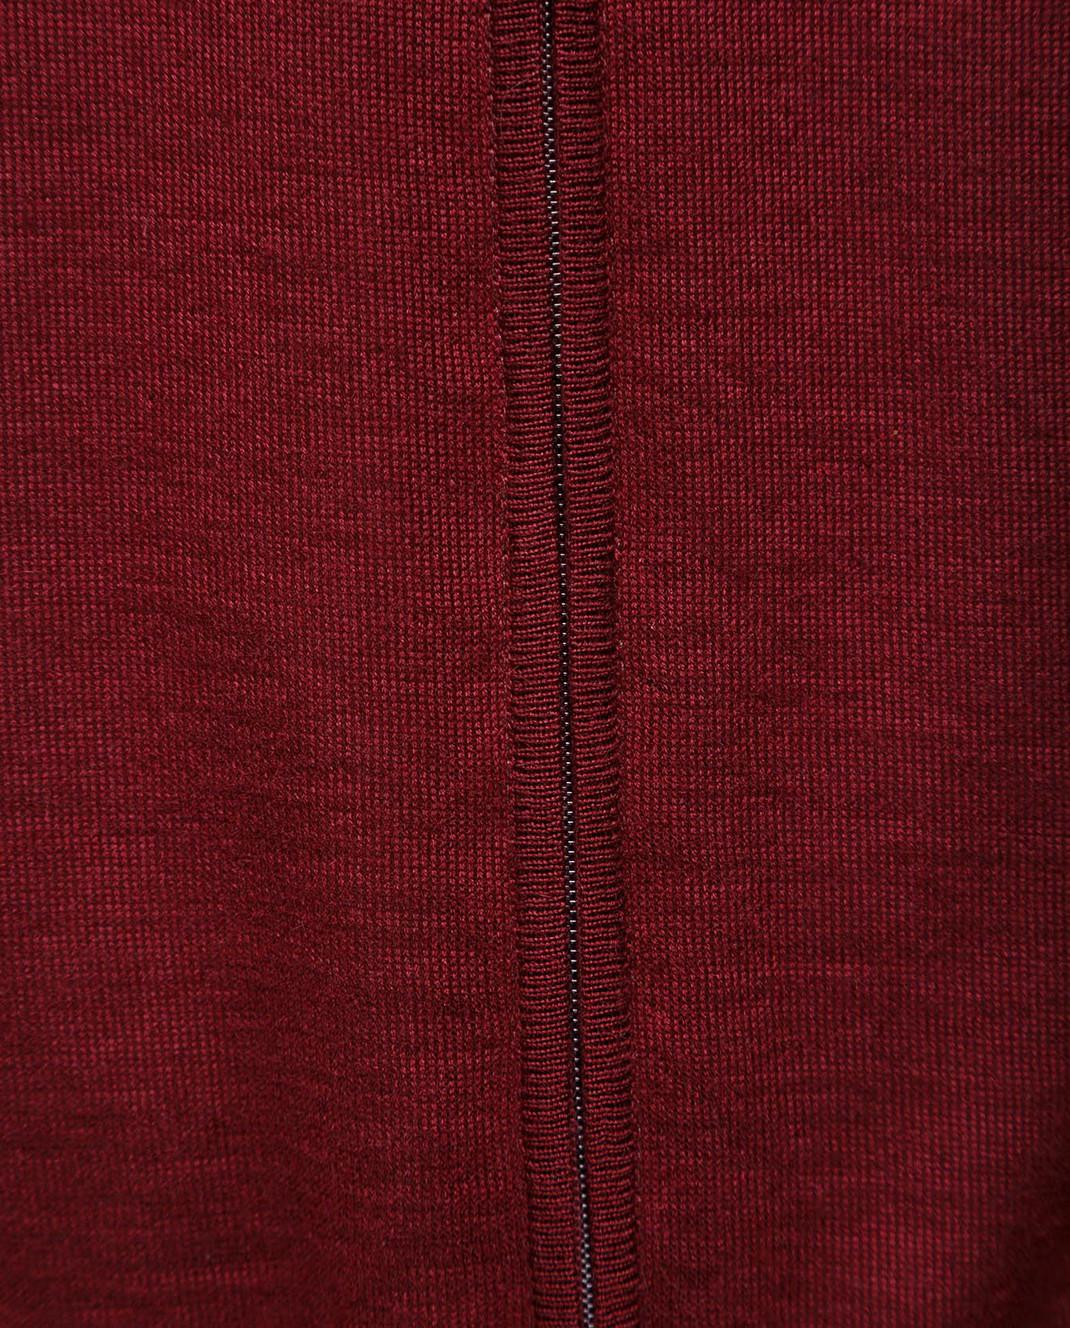 Ones Бордовый жилет из кашемира и шелка изображение 5